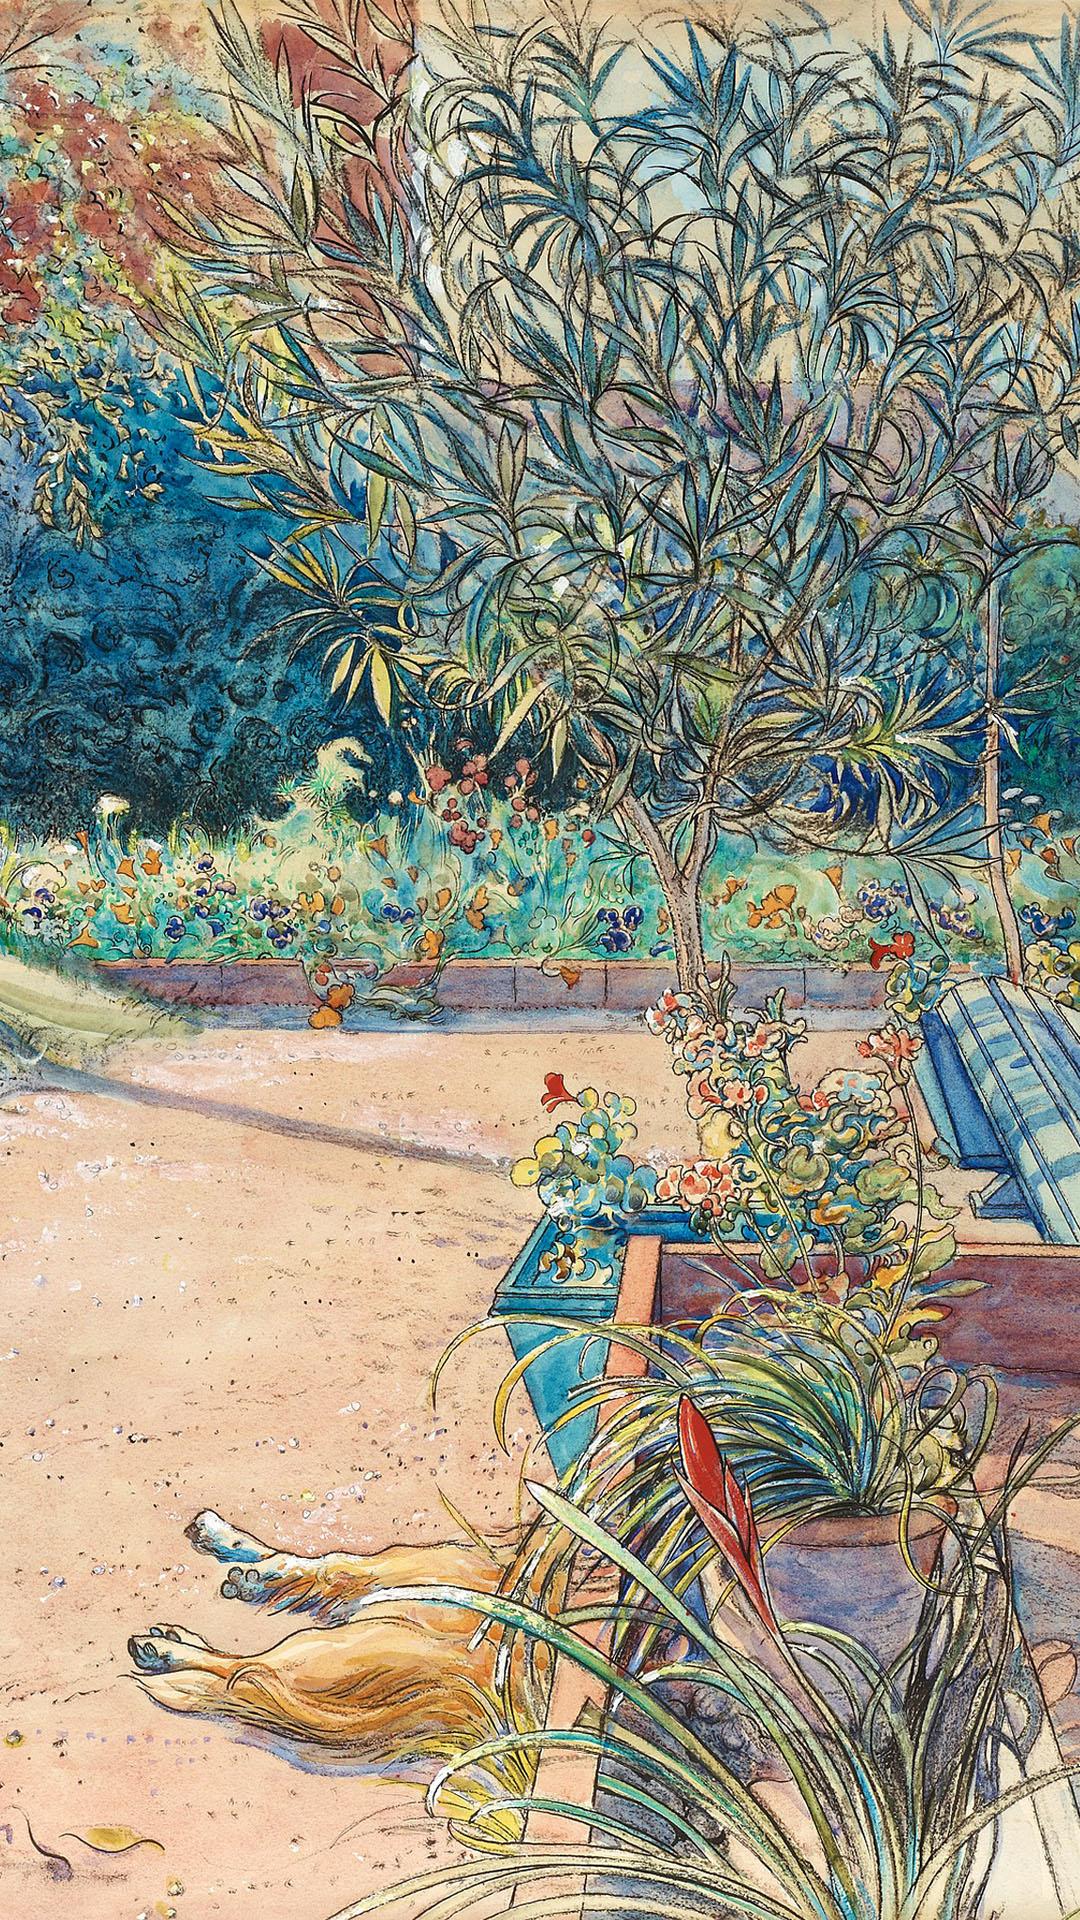 カール・ラーション Carl Larsson - My backyard 1080x1920